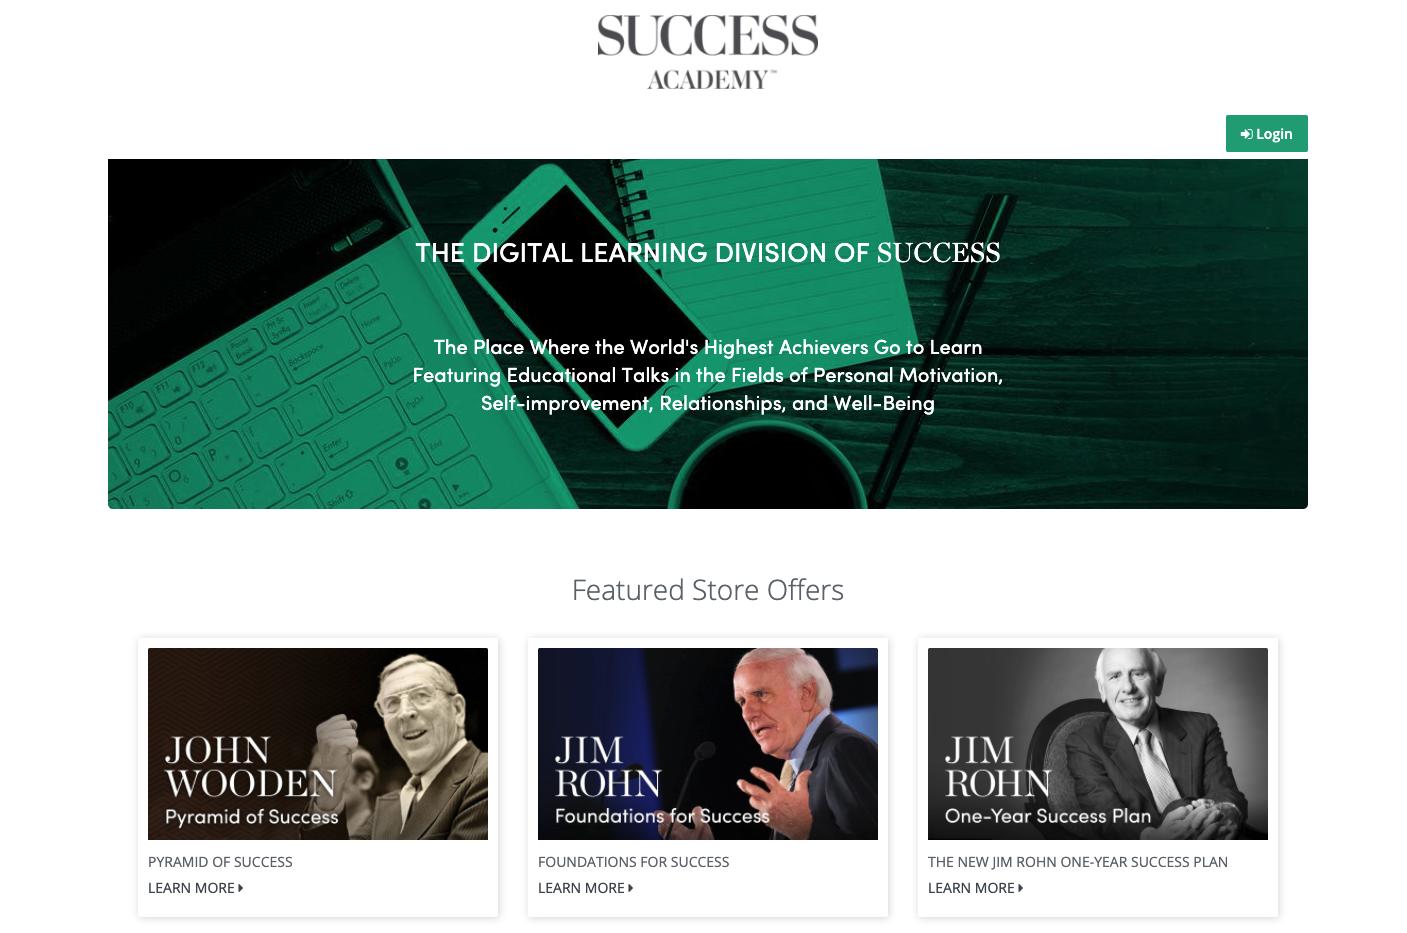 Screenshot of Success Academy website